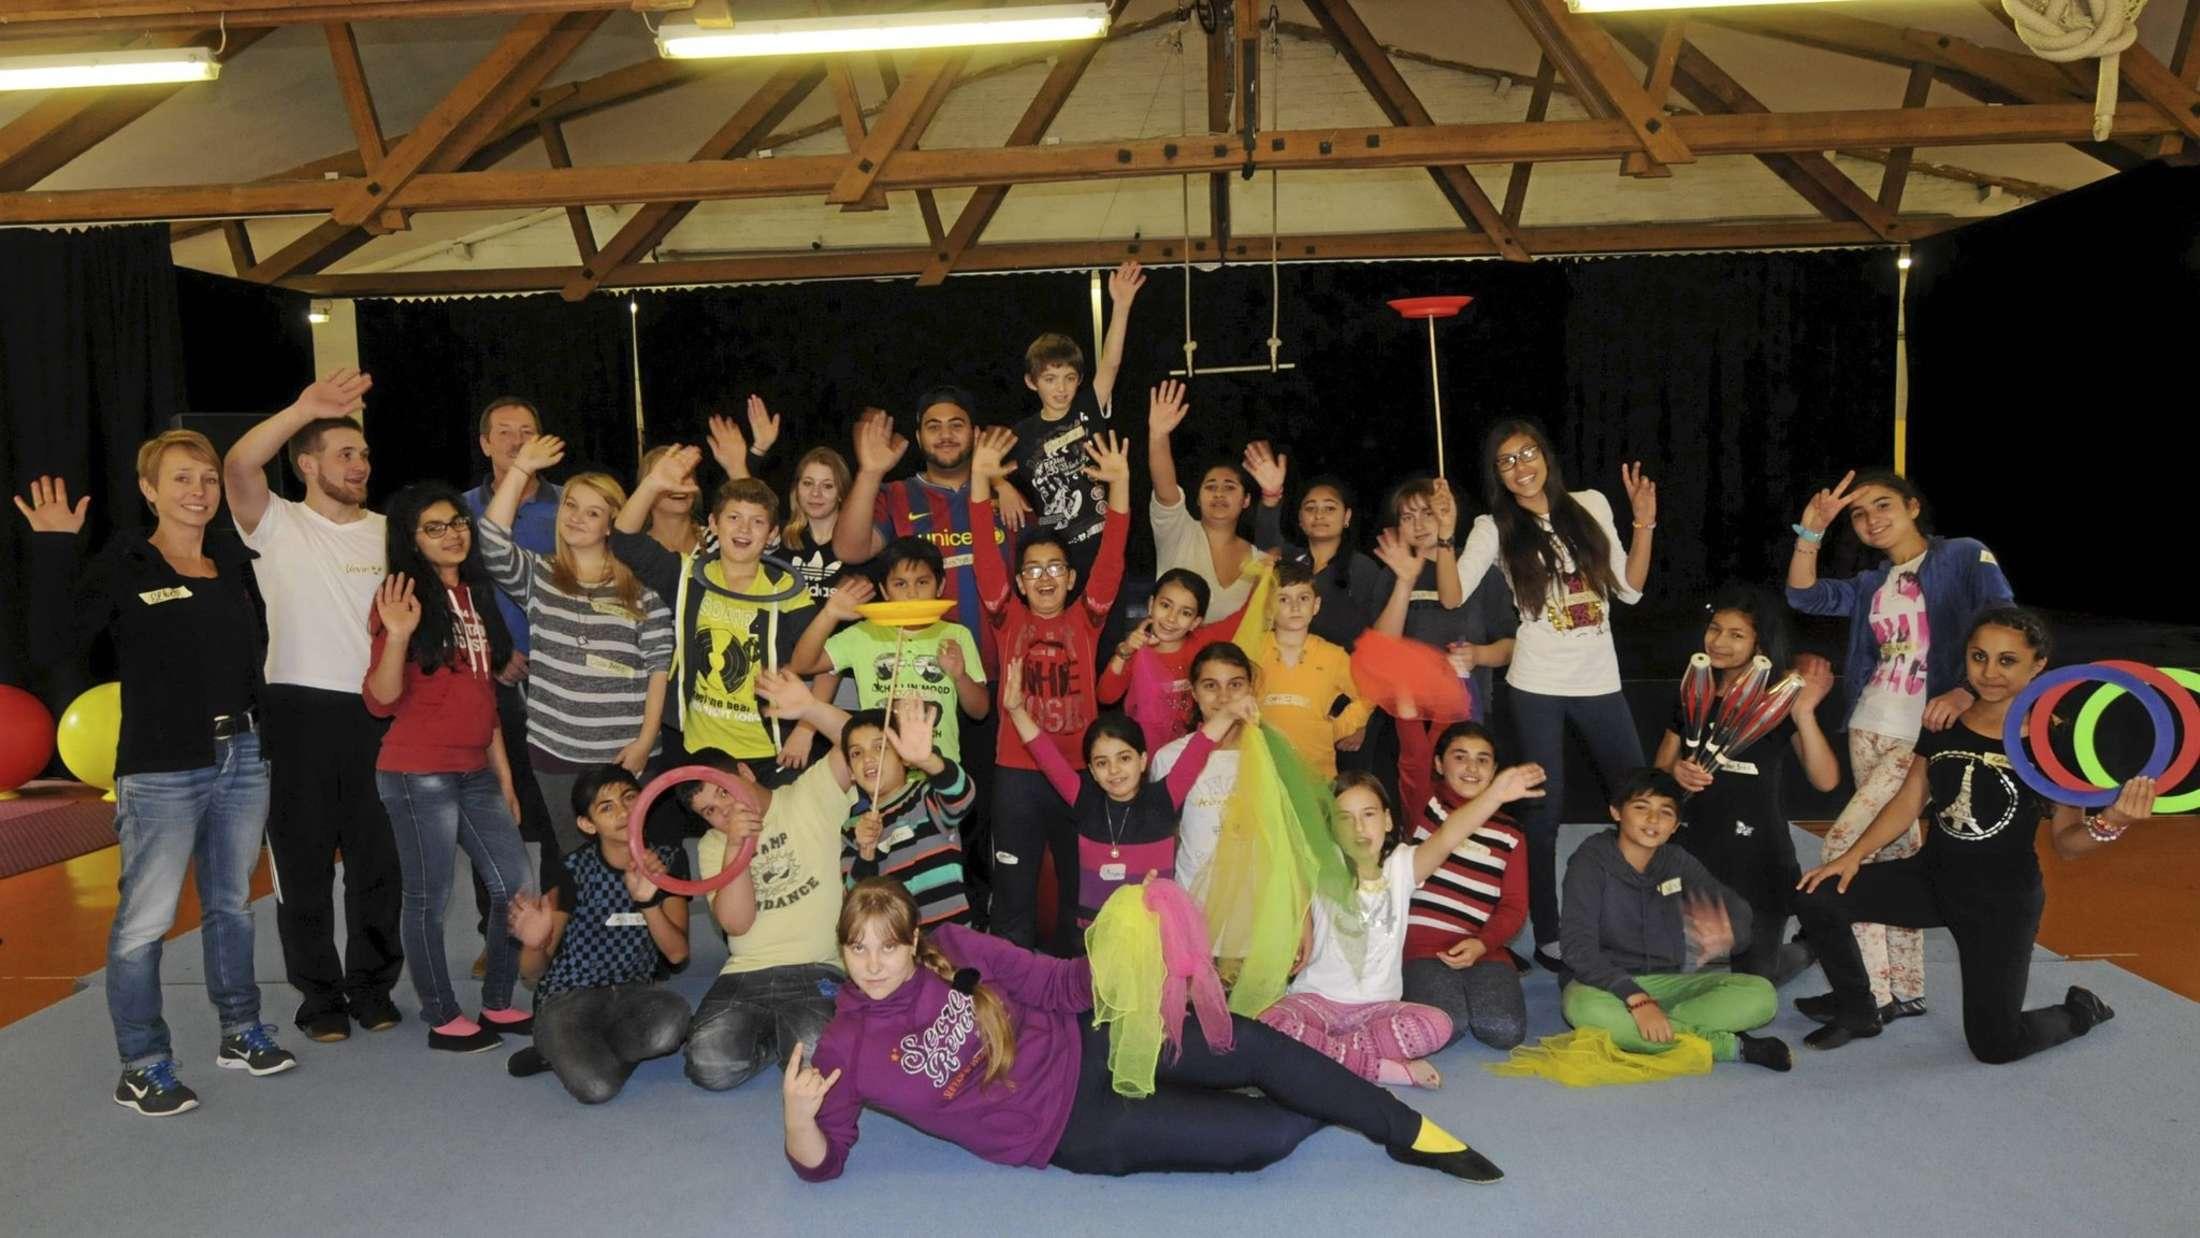 irkus, Cirkus, Sirk, Cirque: Egal, welche Sprache die Kinder sprechen, in der Manege haben sie mit der Verständigung kaum Probleme. - Foto: Niggemeier